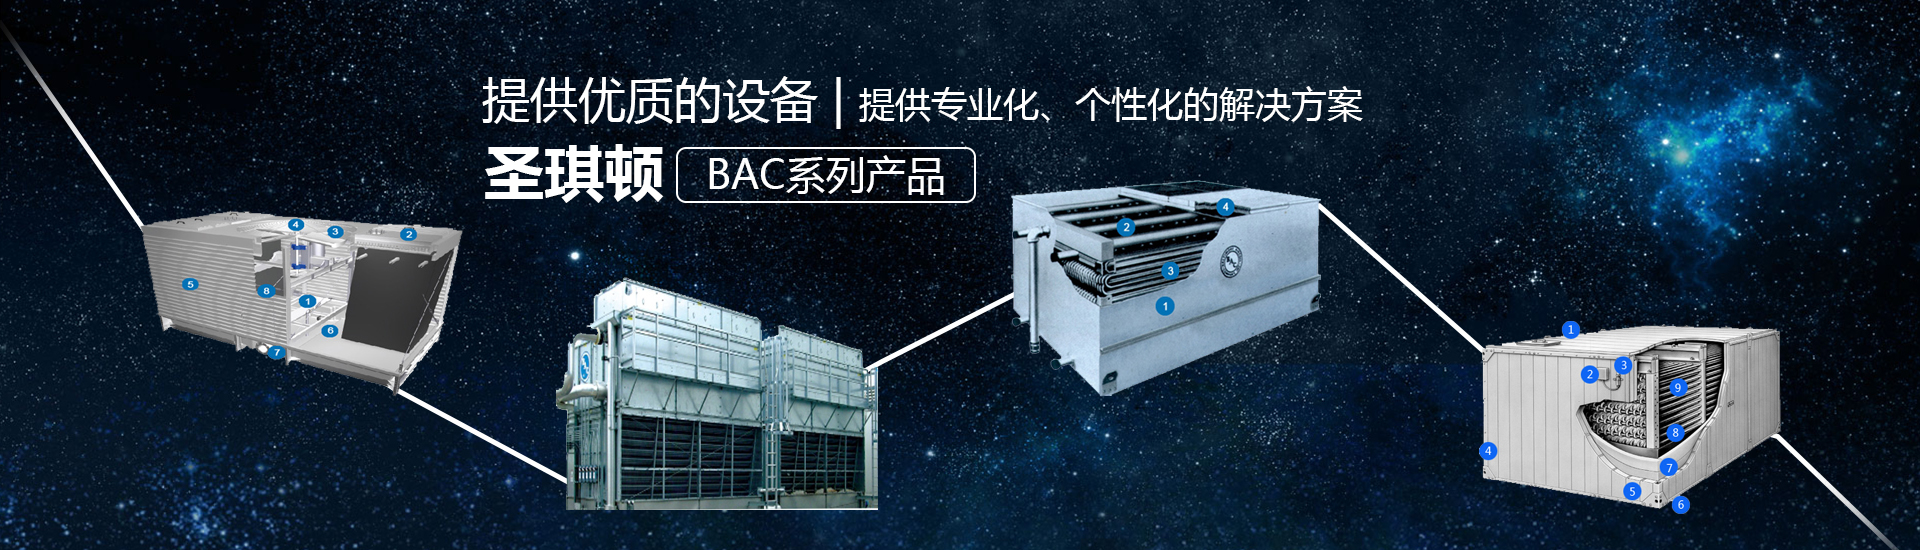 武汉蒸发式冷凝器